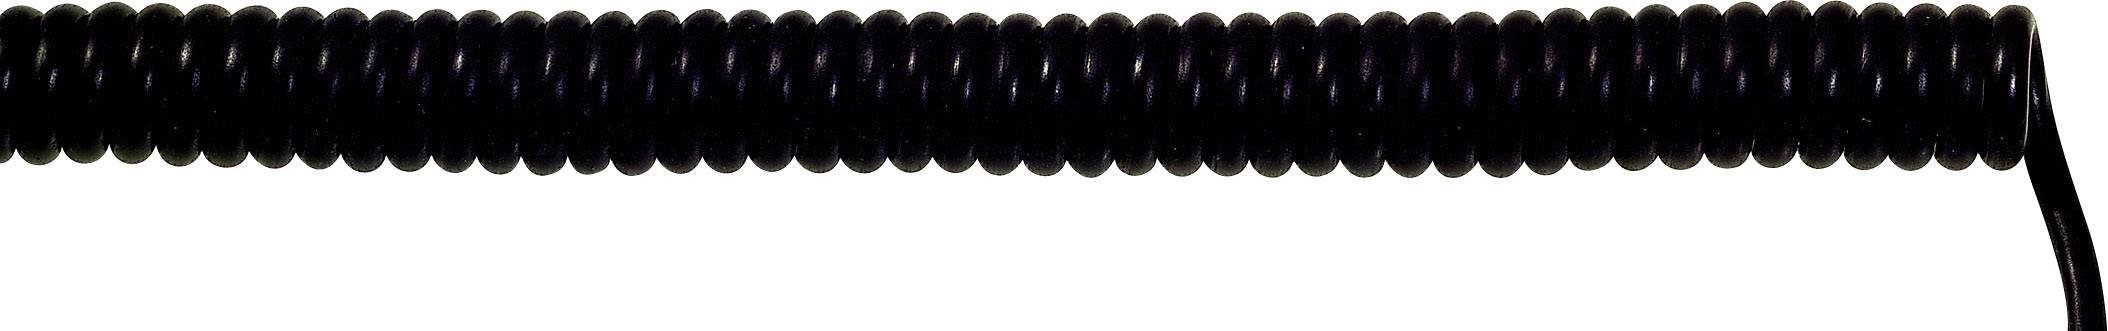 Špirálový kábel 73220220 UNITRONIC® SPIRAL 6 x 0.14 mm², 100 mm / 400 mm, čierna